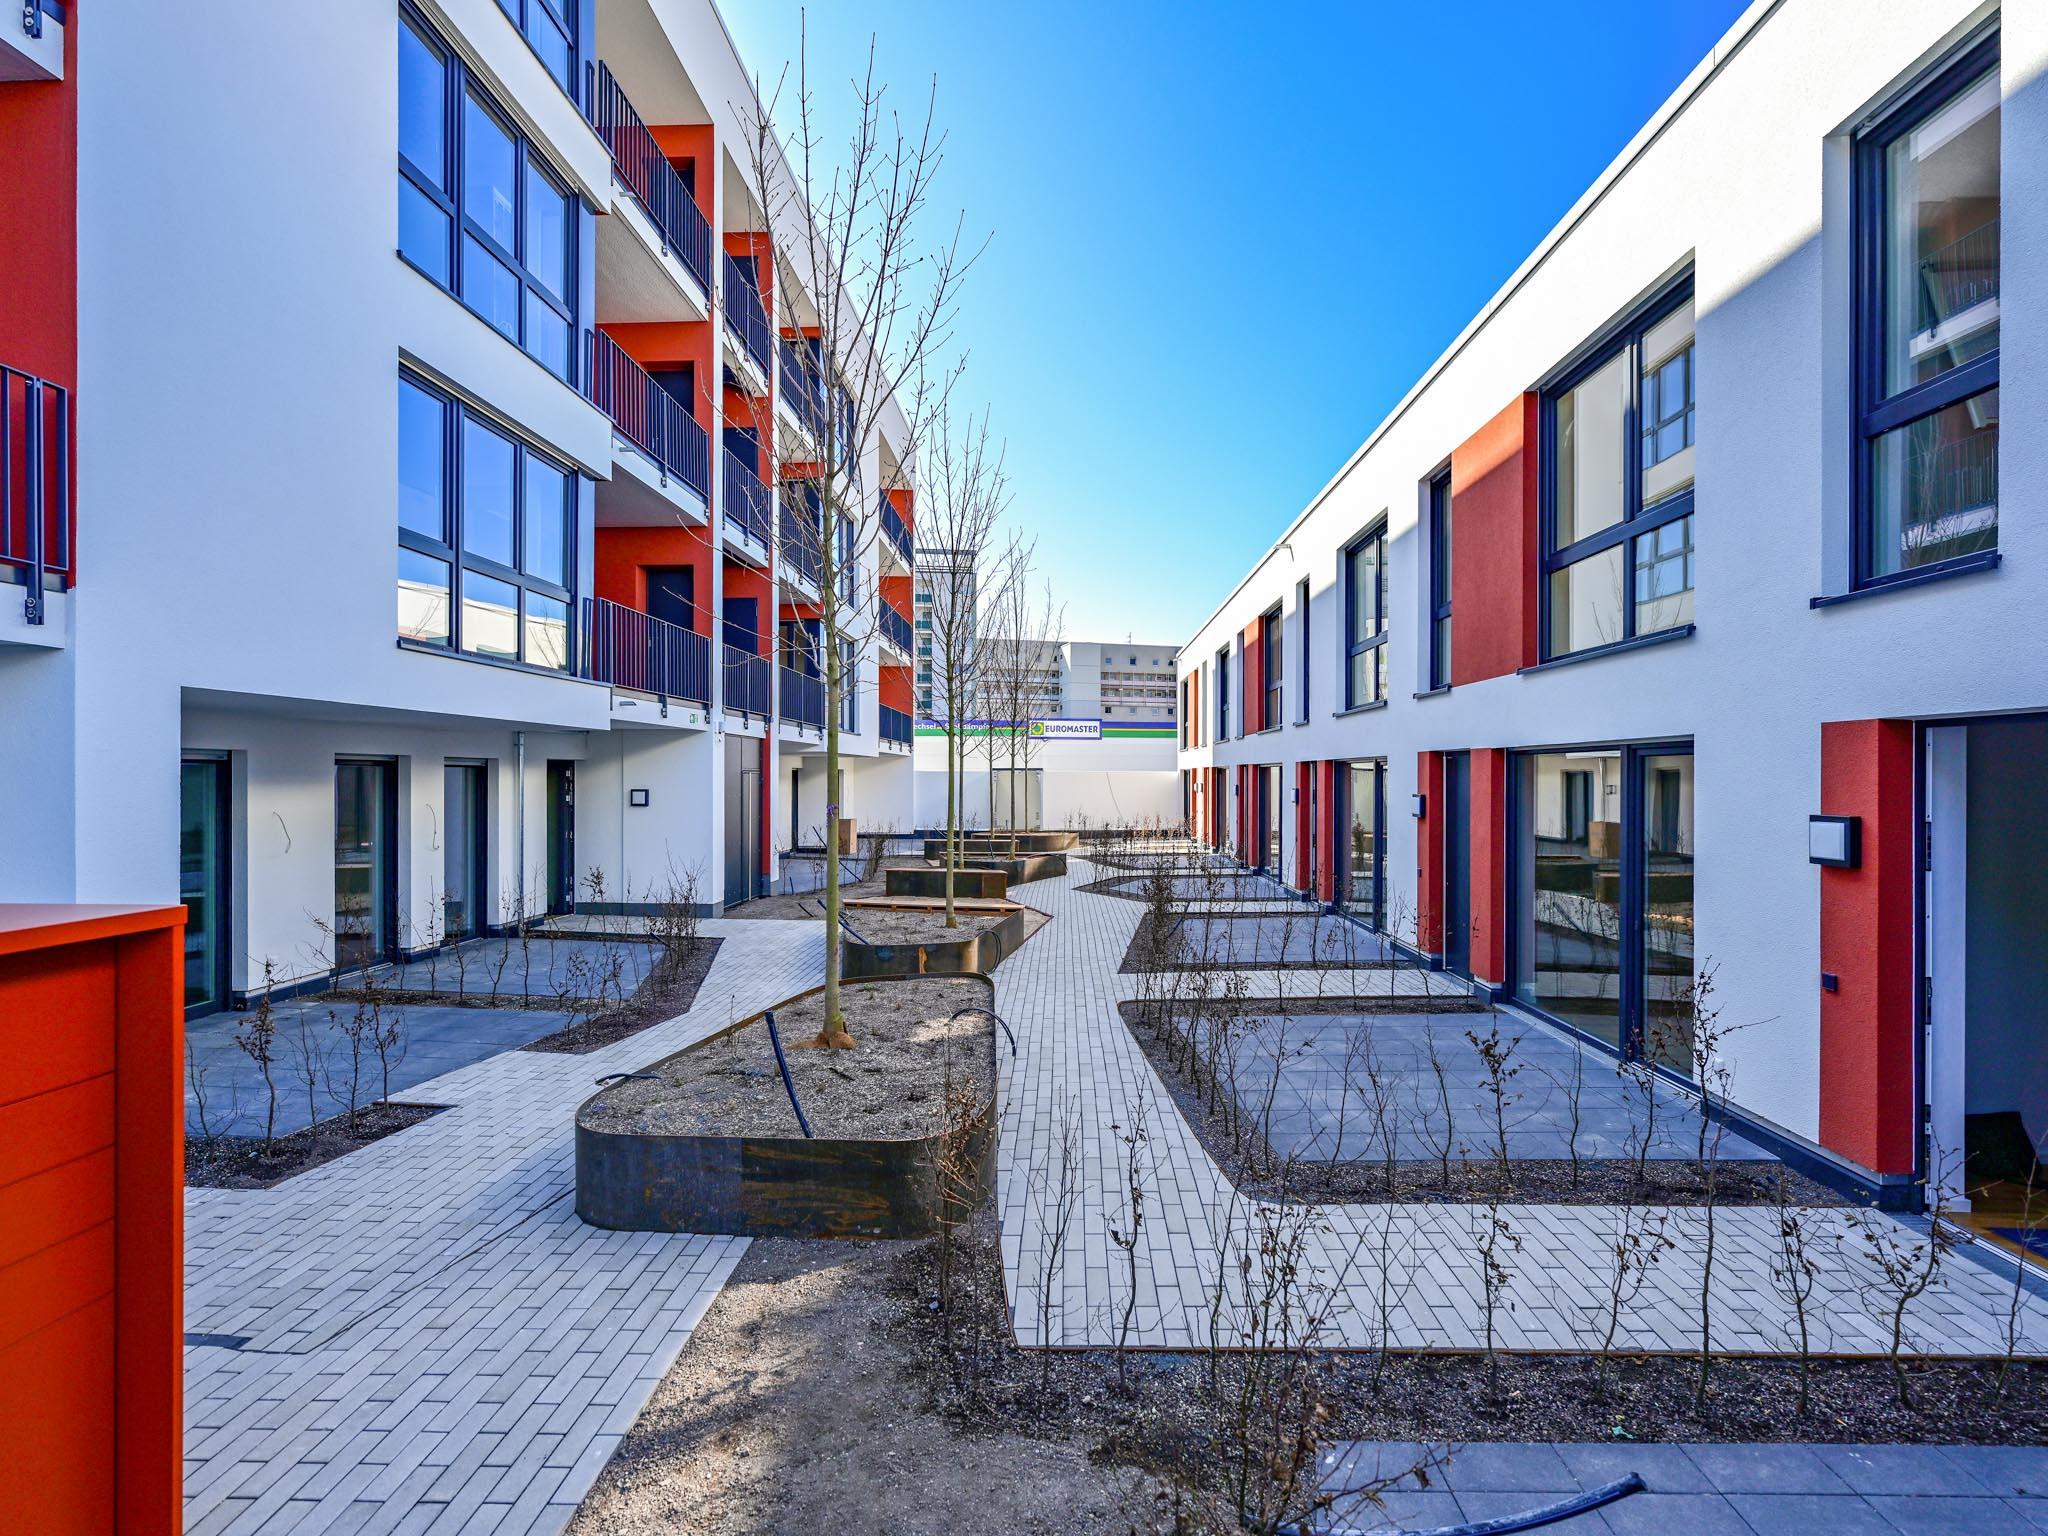 Wohnungsbau mit Verfuß